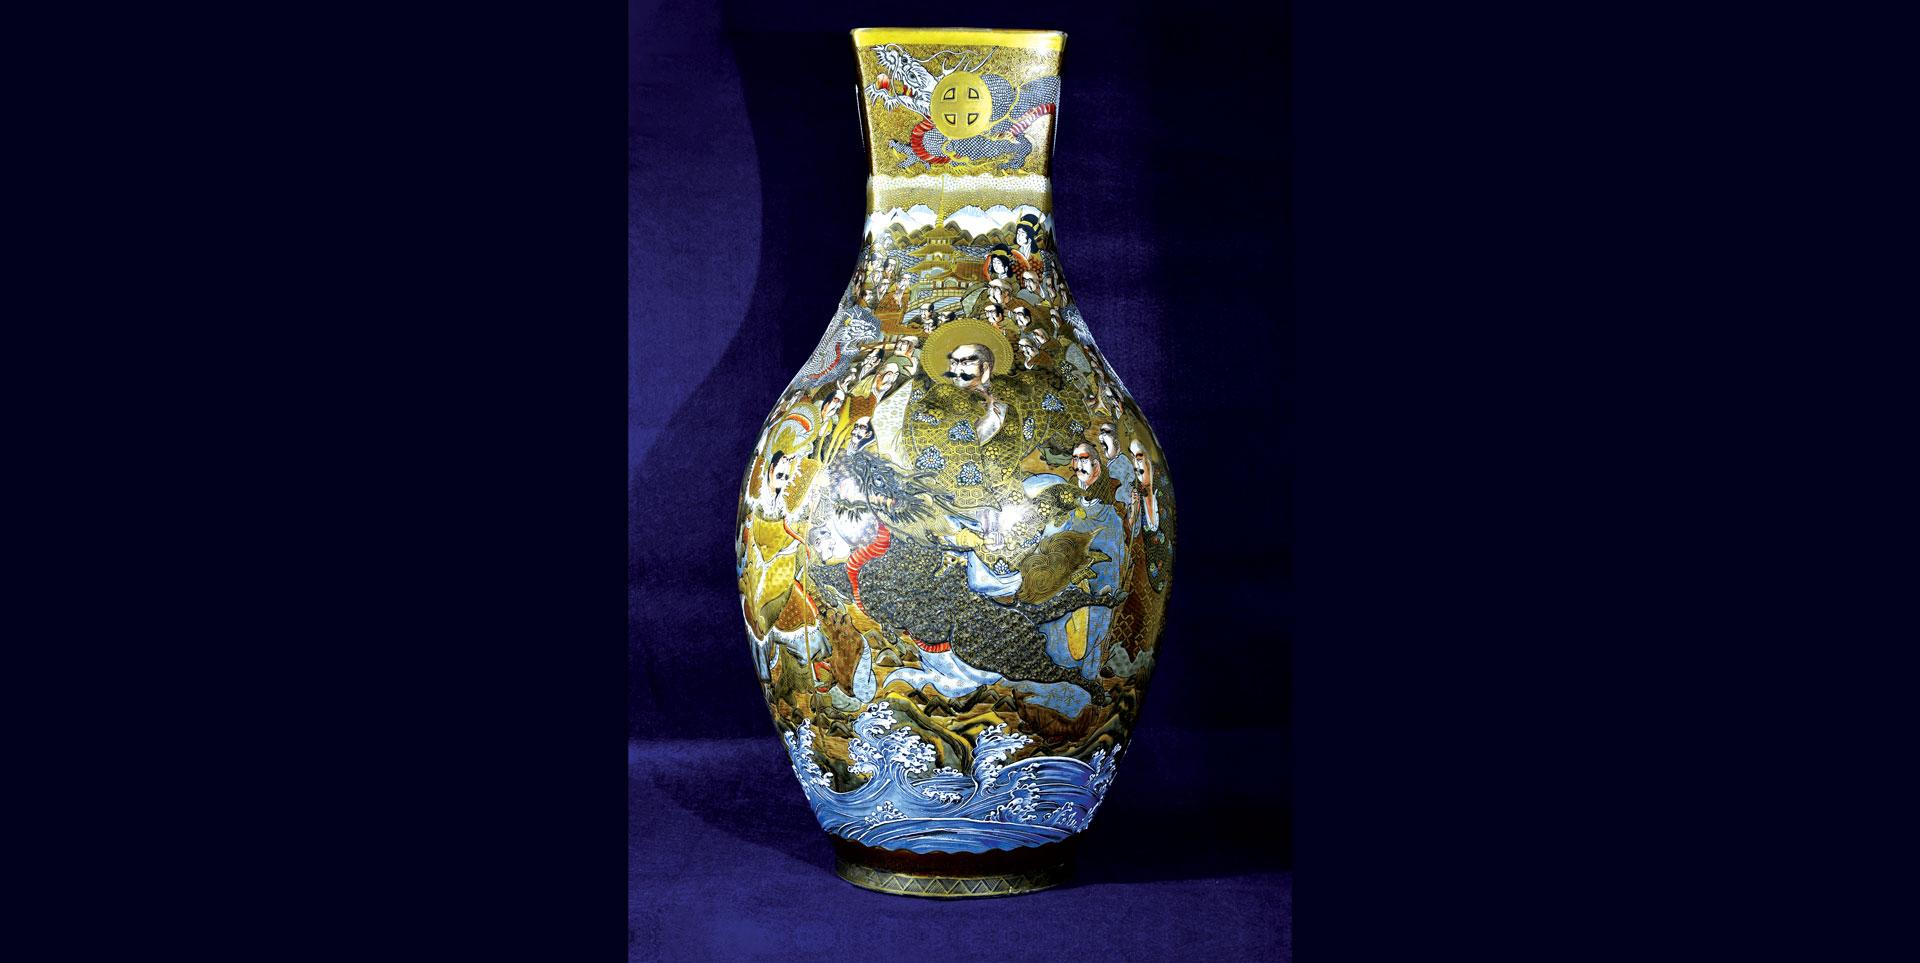 Gặp gỡ nhóm sưu tập gốm cổ Nhật ảnh 5